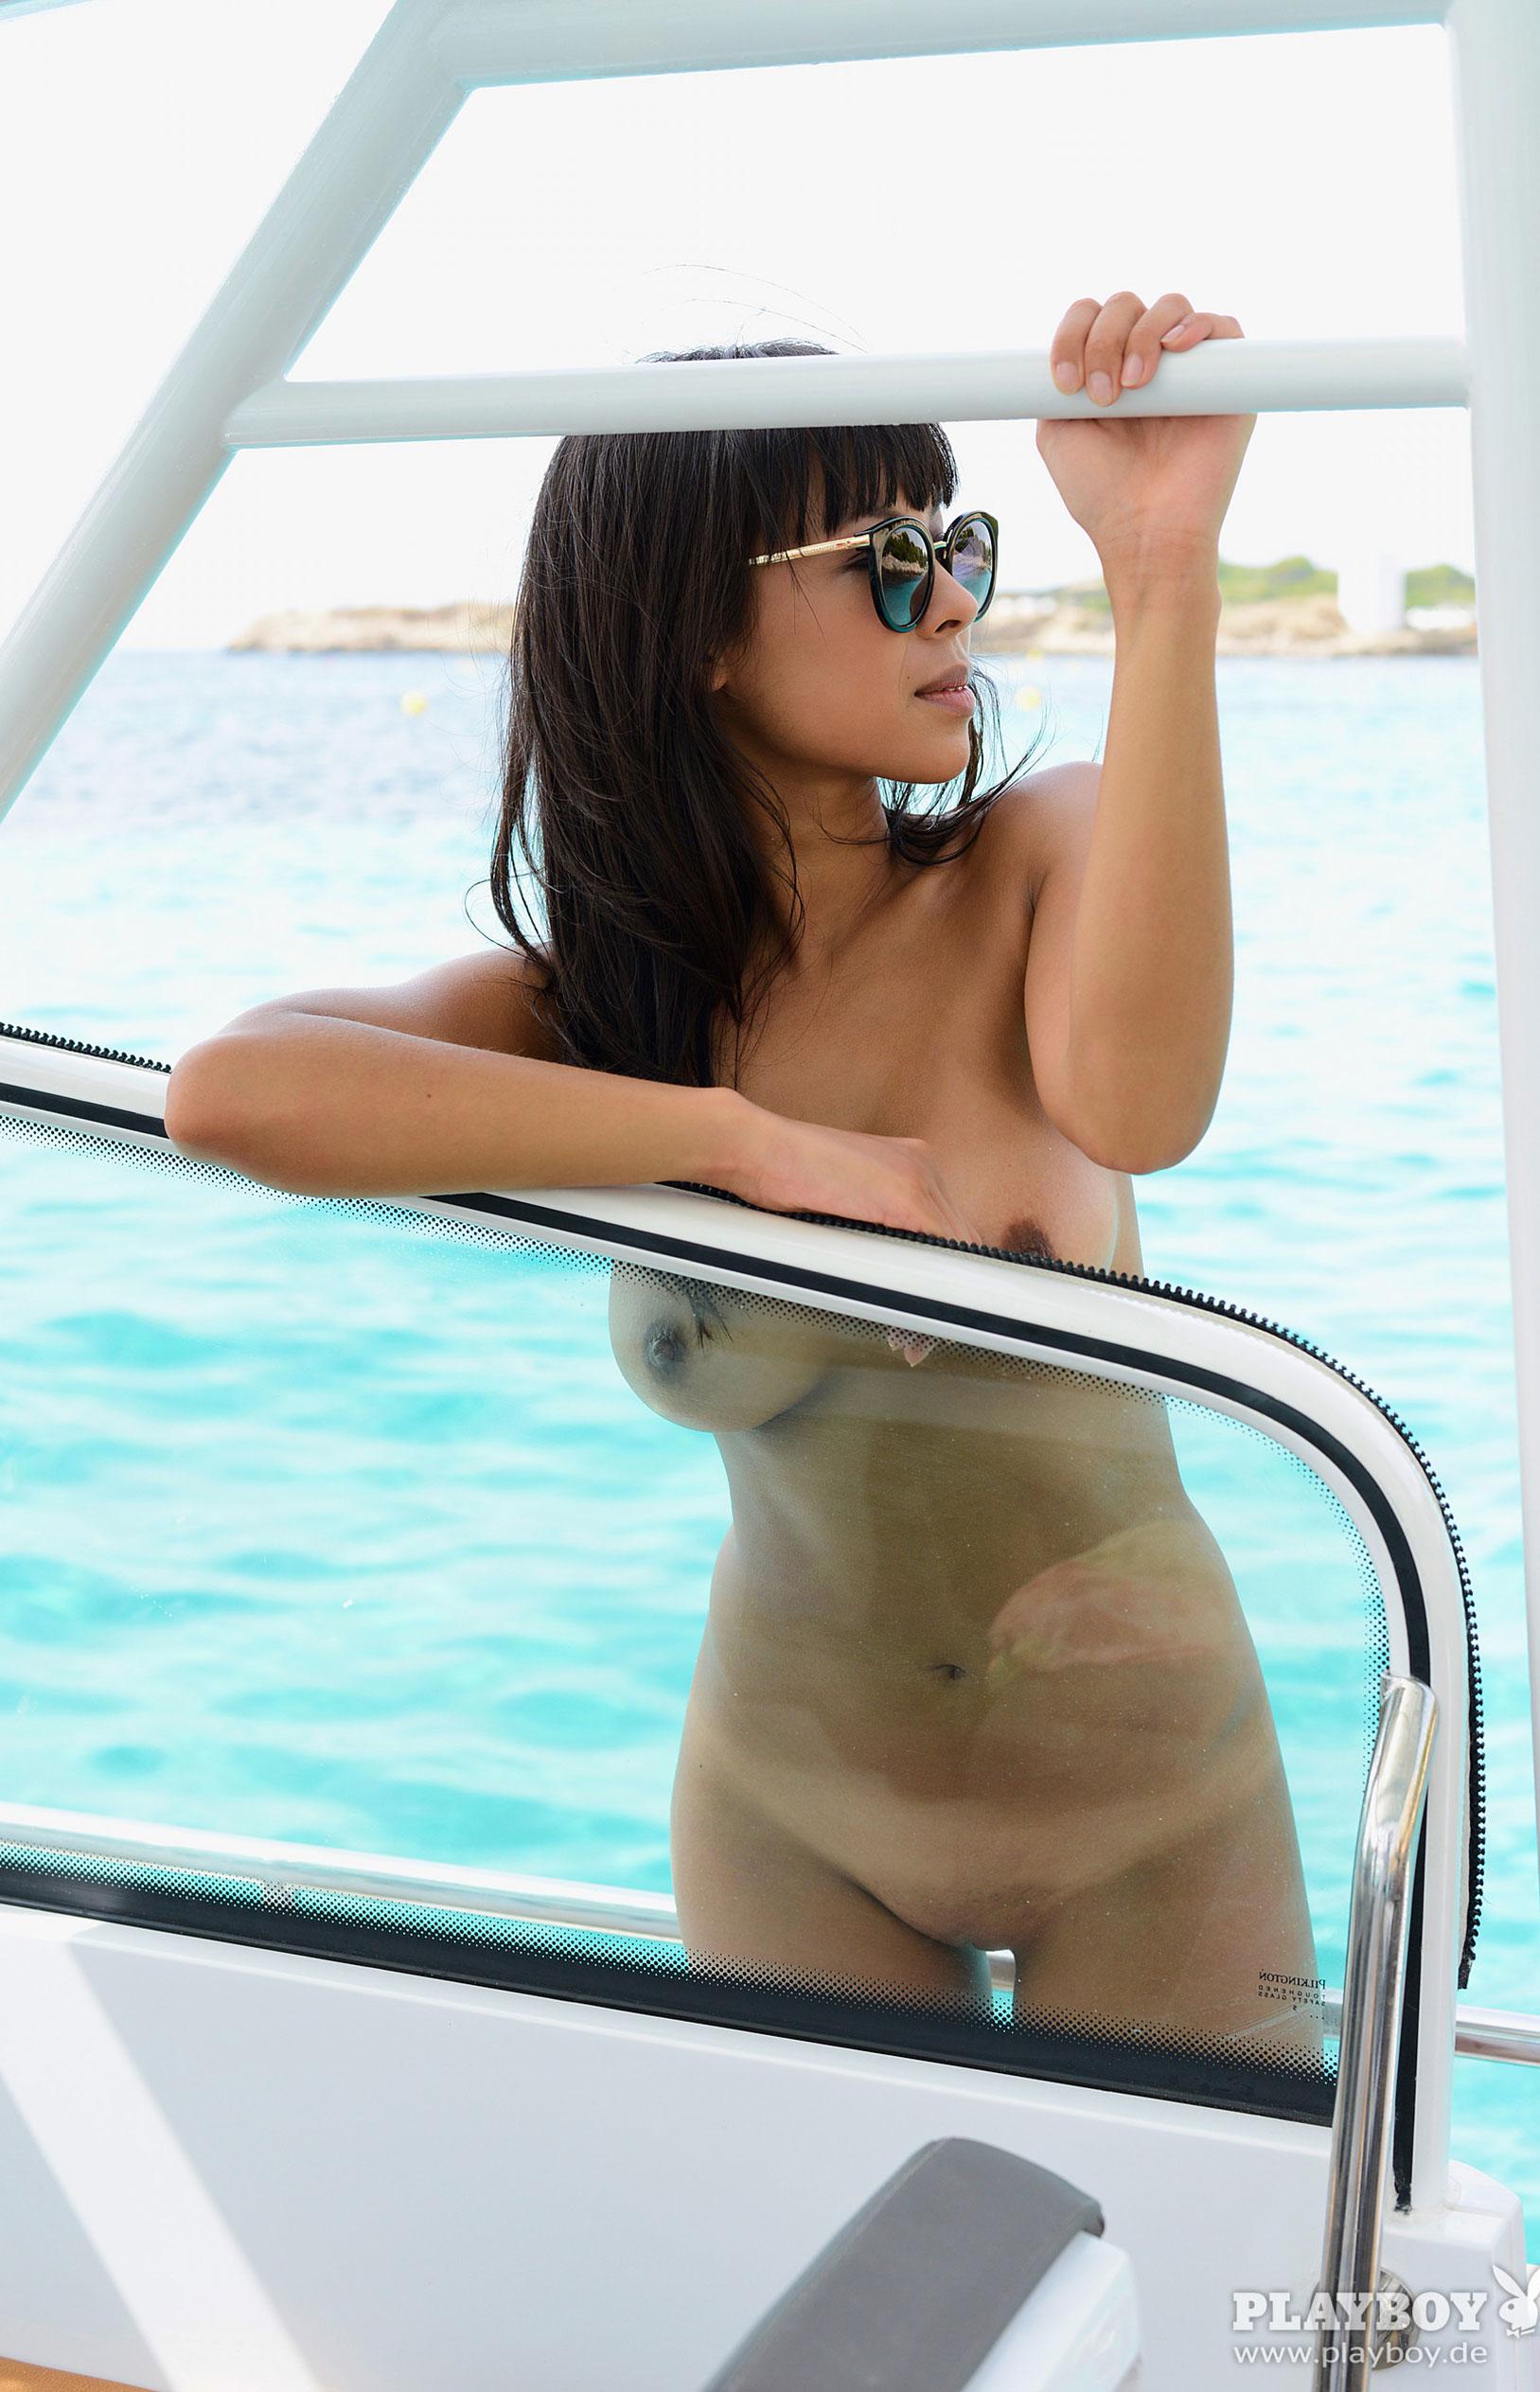 Тхан Нхан - Девушка месяца в Playboy Германия, март 2018 / фото 16